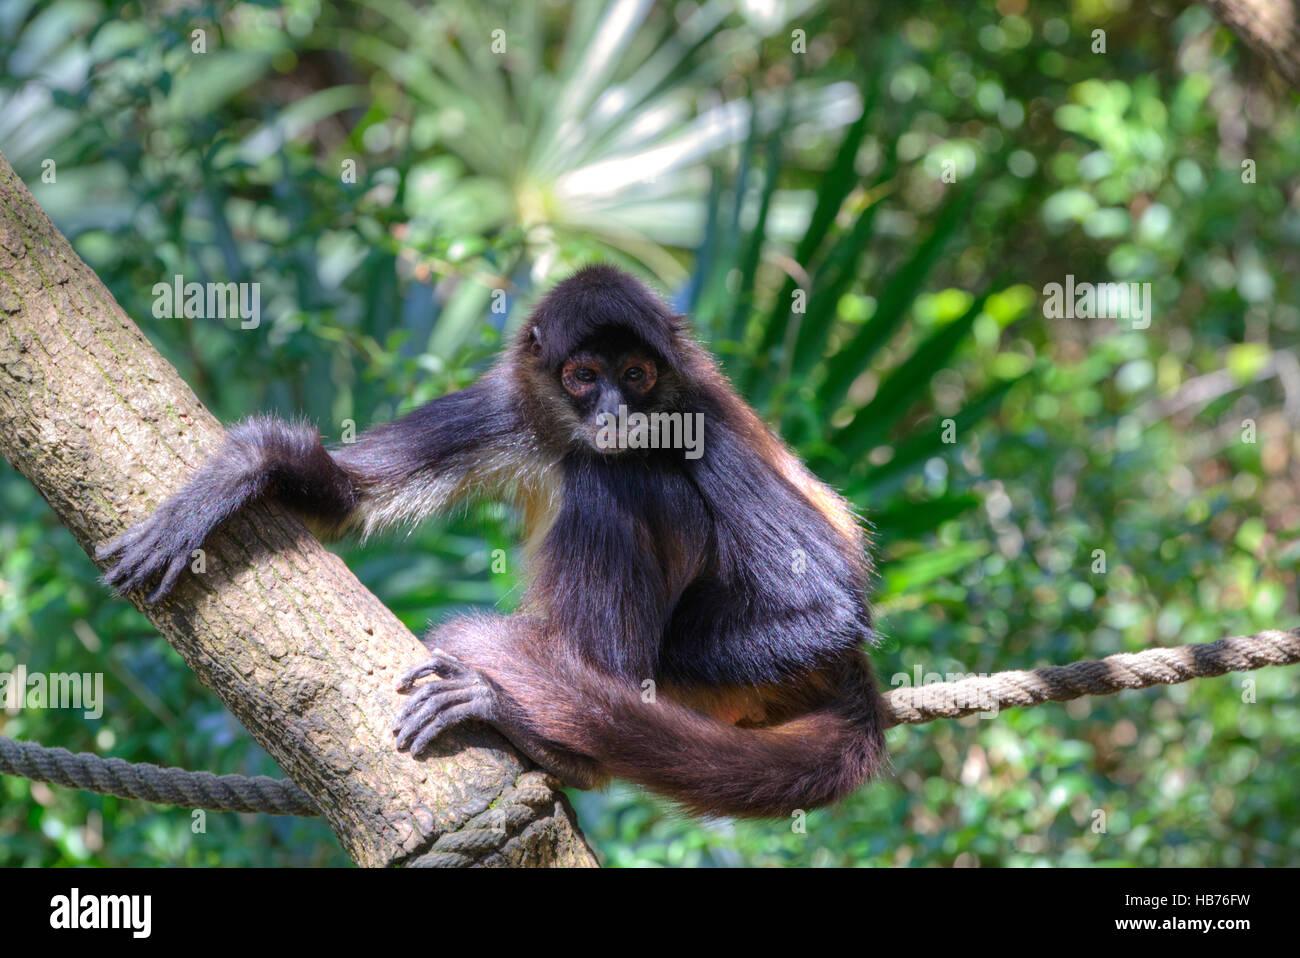 Spider Monkey (Latin-Ateles fusciceps), il Belize Zoo, vicino a Città del Belize, Belize Immagini Stock